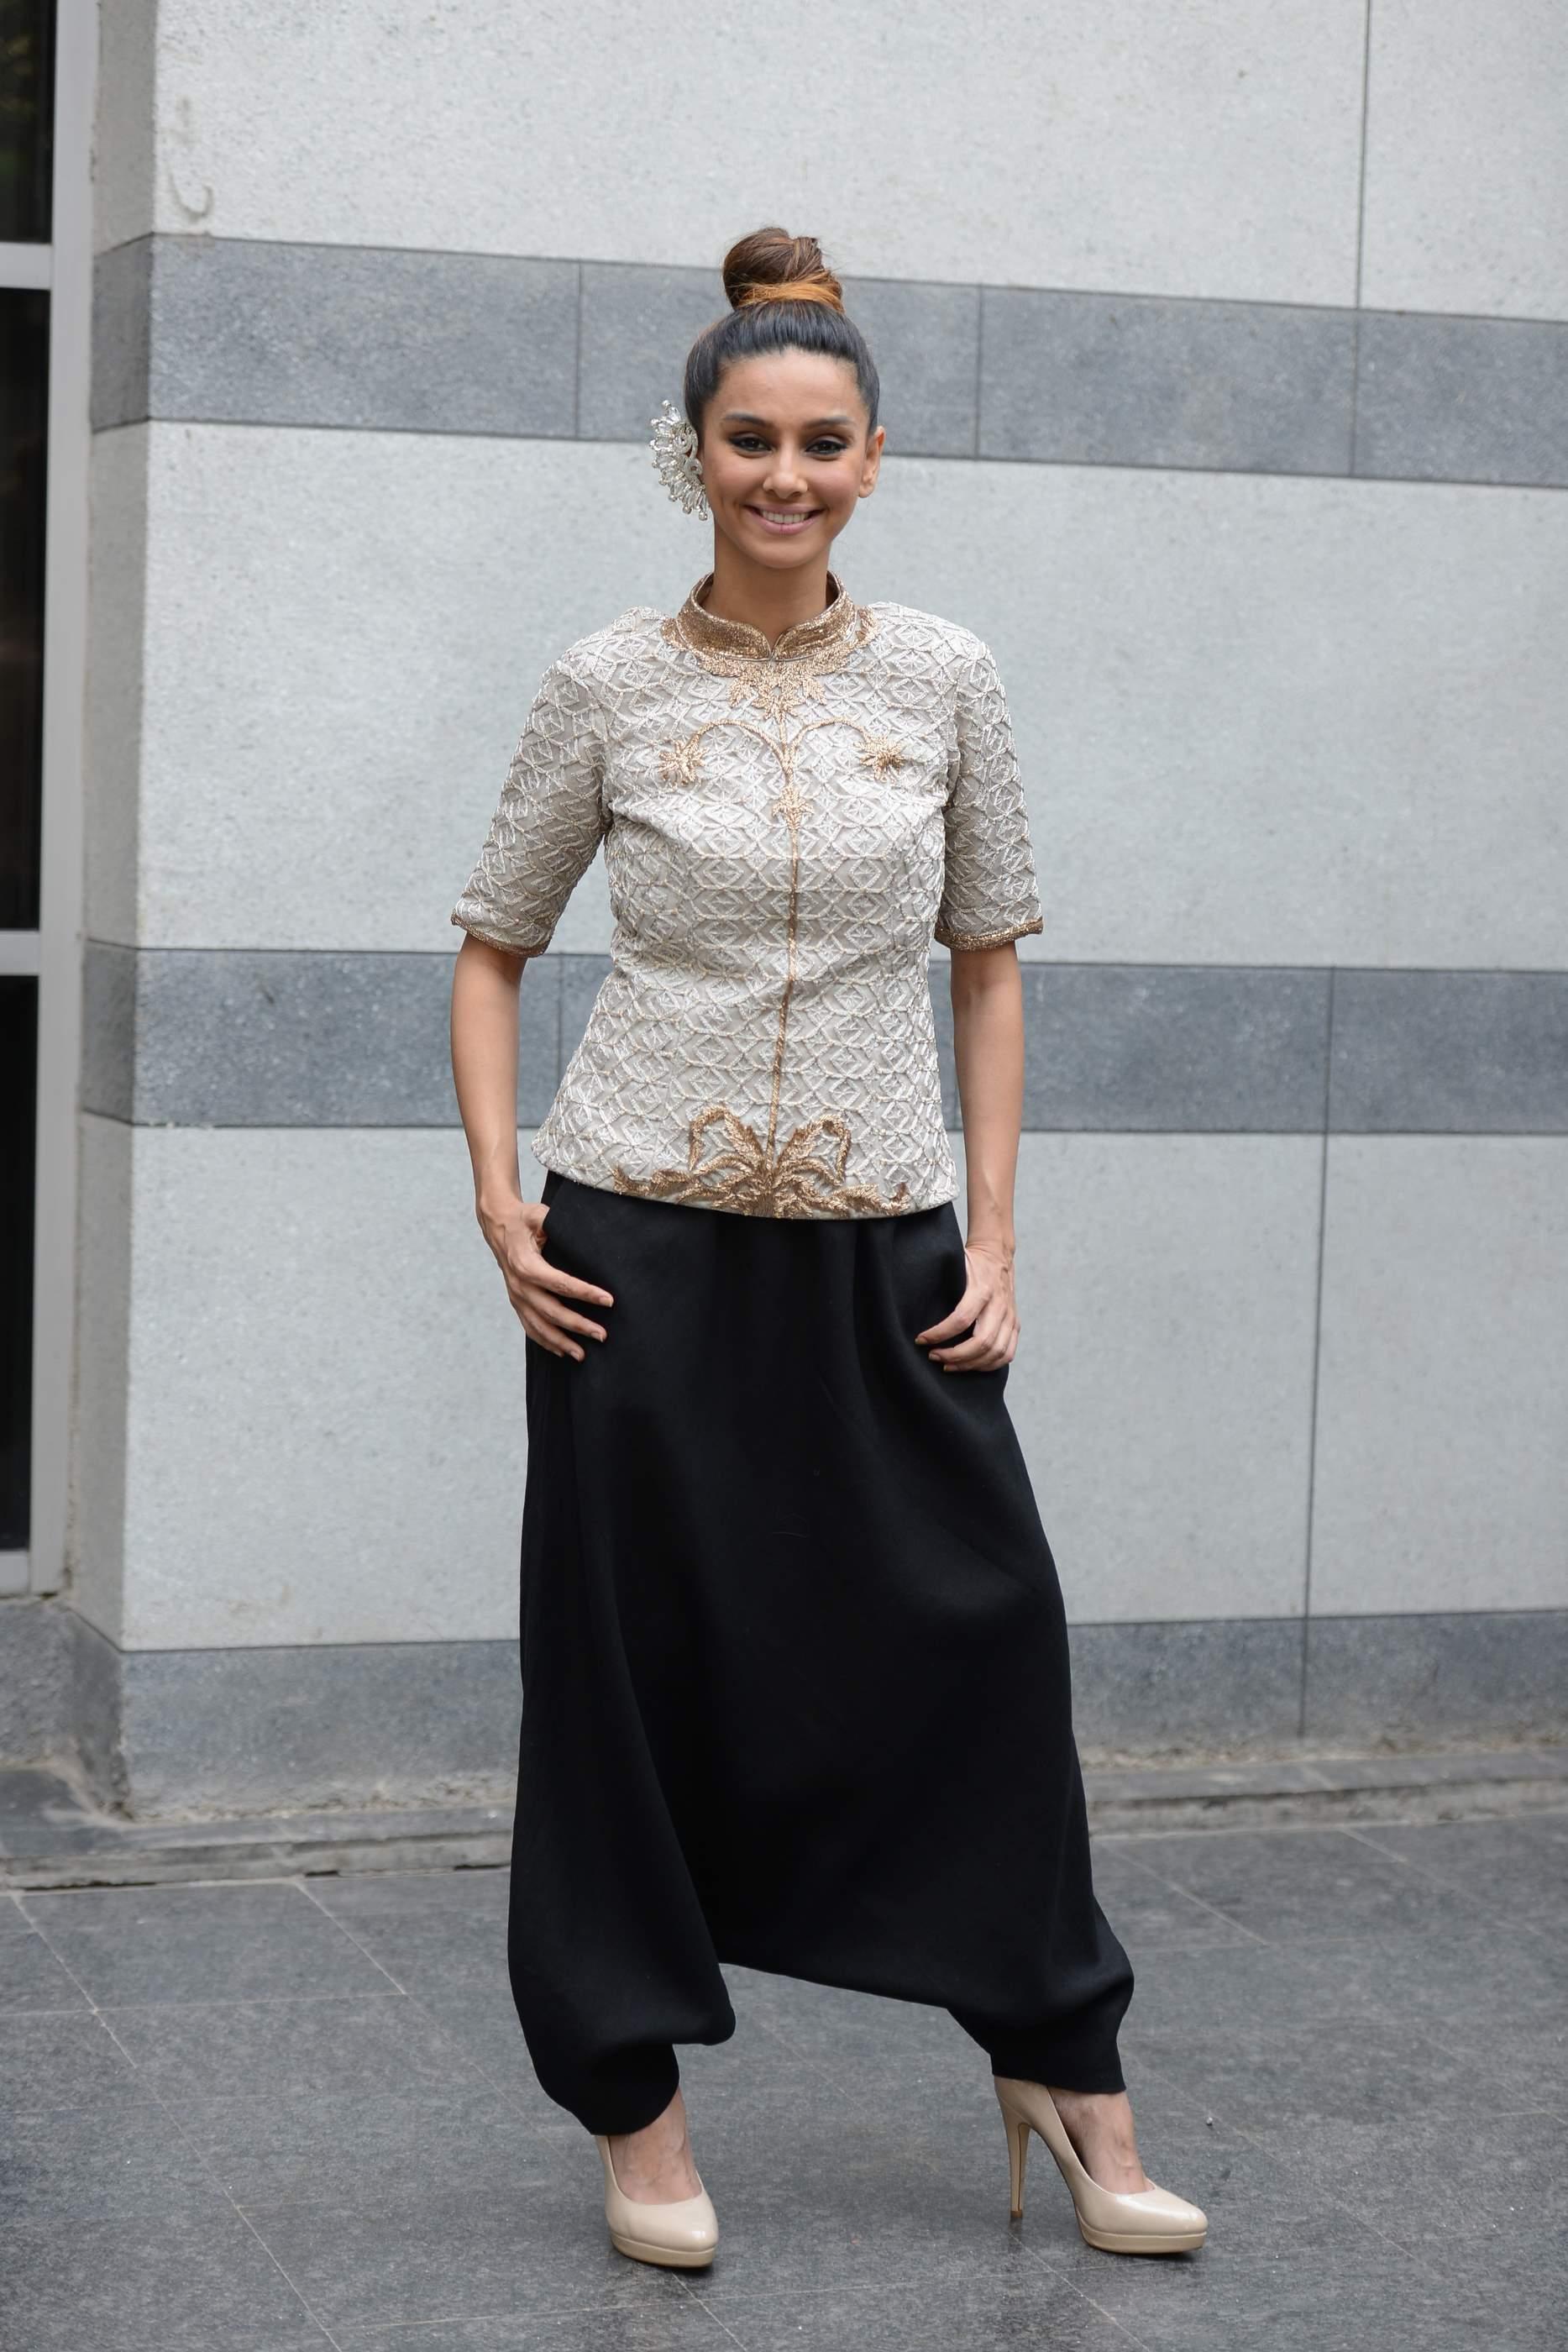 Shibani Dandekar dressed in Lady Sahara by Payal Singhal